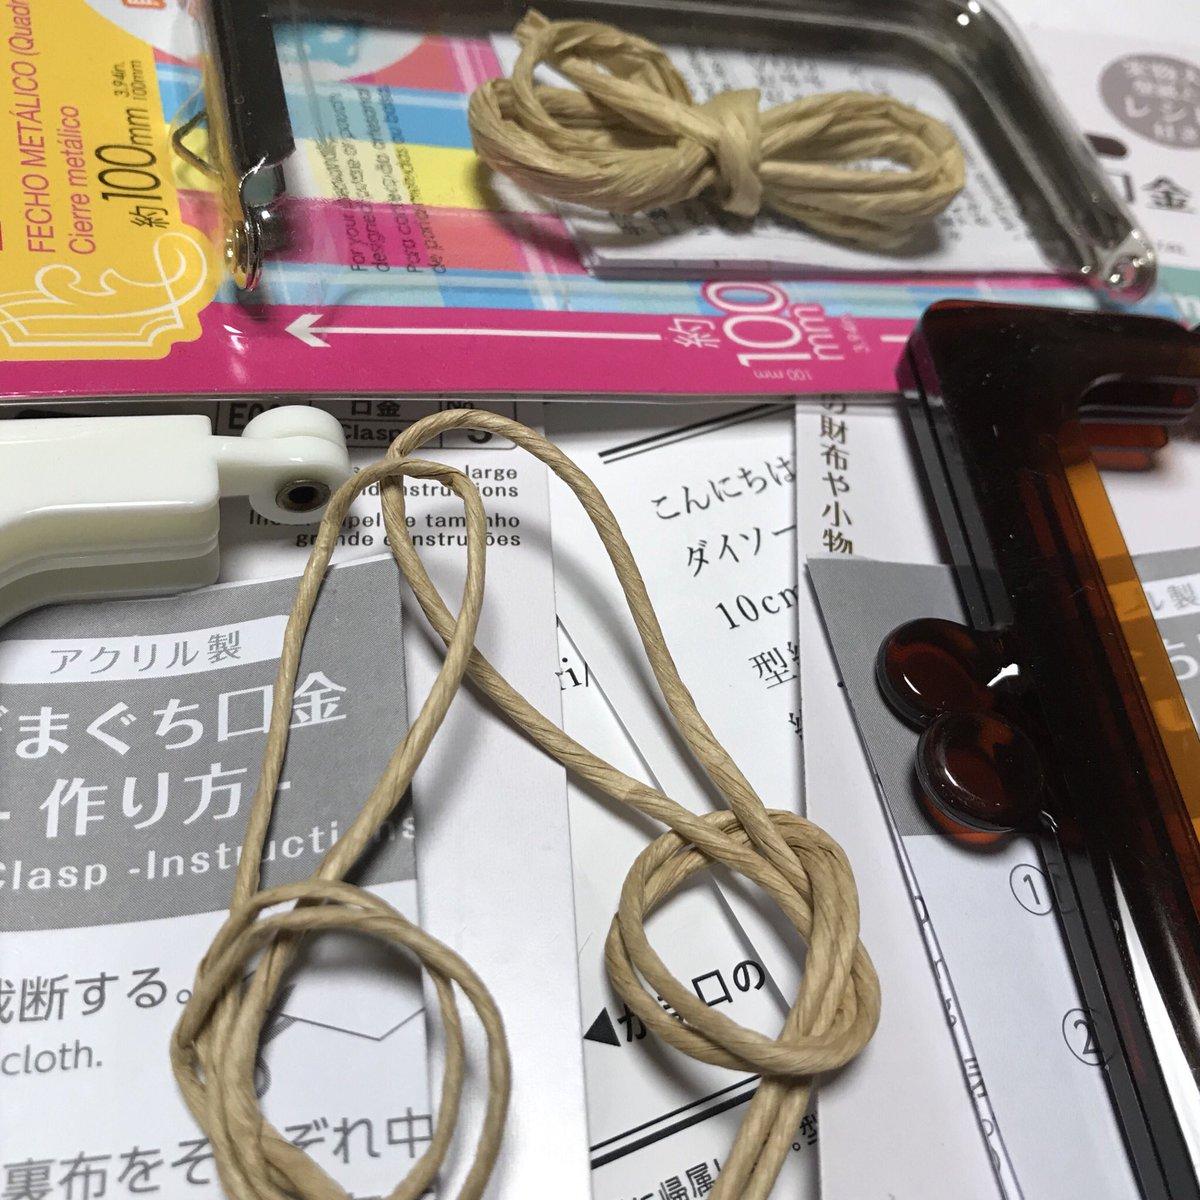 test ツイッターメディア - なんか紐の太さが全然違うのだけど💦ホムセンで紐を買ってきた方が良いのかも? #がま口 #ダイソー https://t.co/S9tb4IfMG8